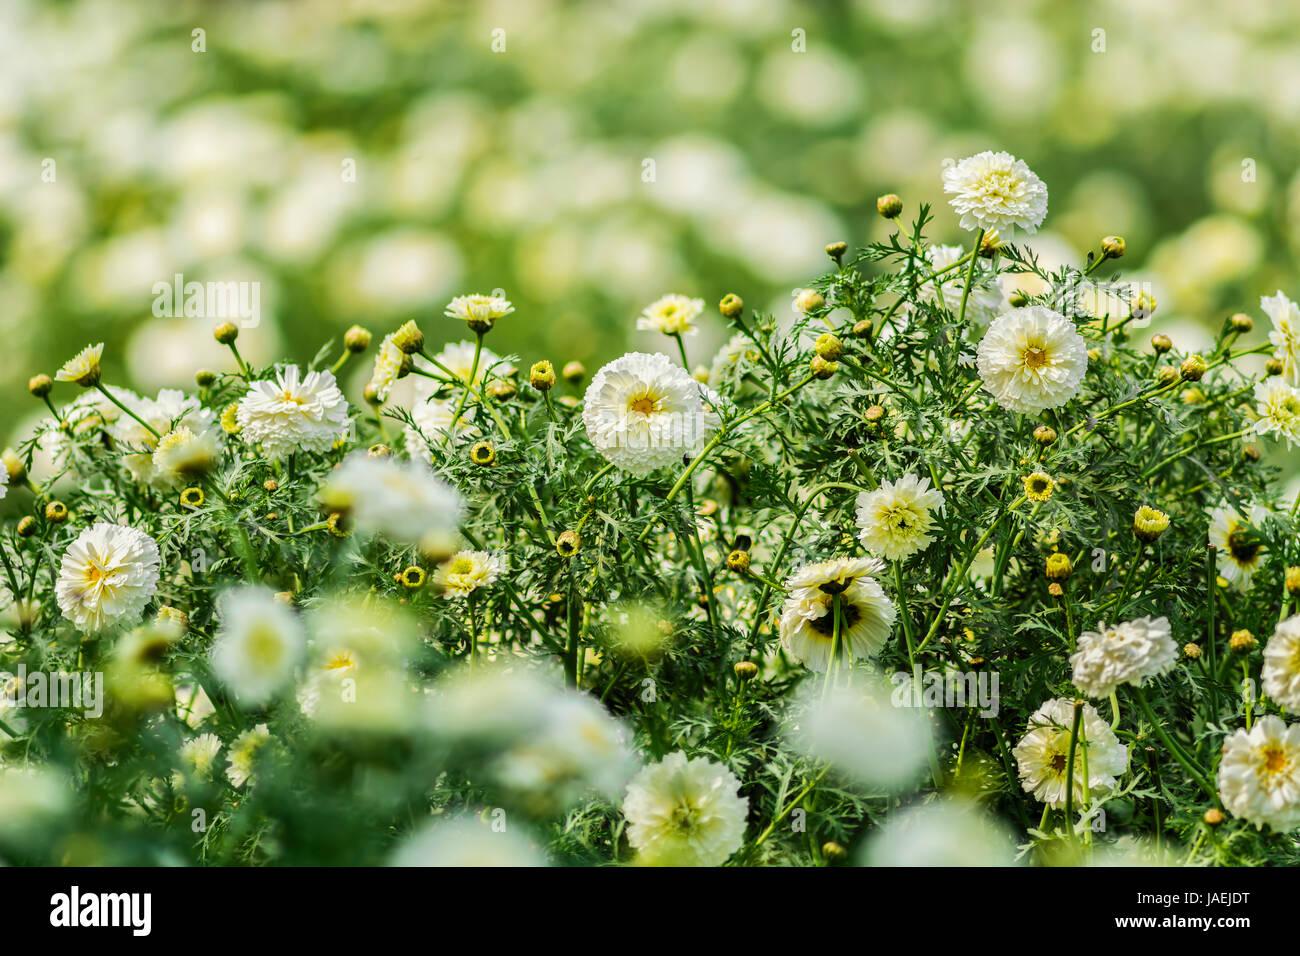 Beautiful white marigold flowers sourrounded by green and yellow beautiful white marigold flowers sourrounded by green and yellow leaves in a garden mightylinksfo